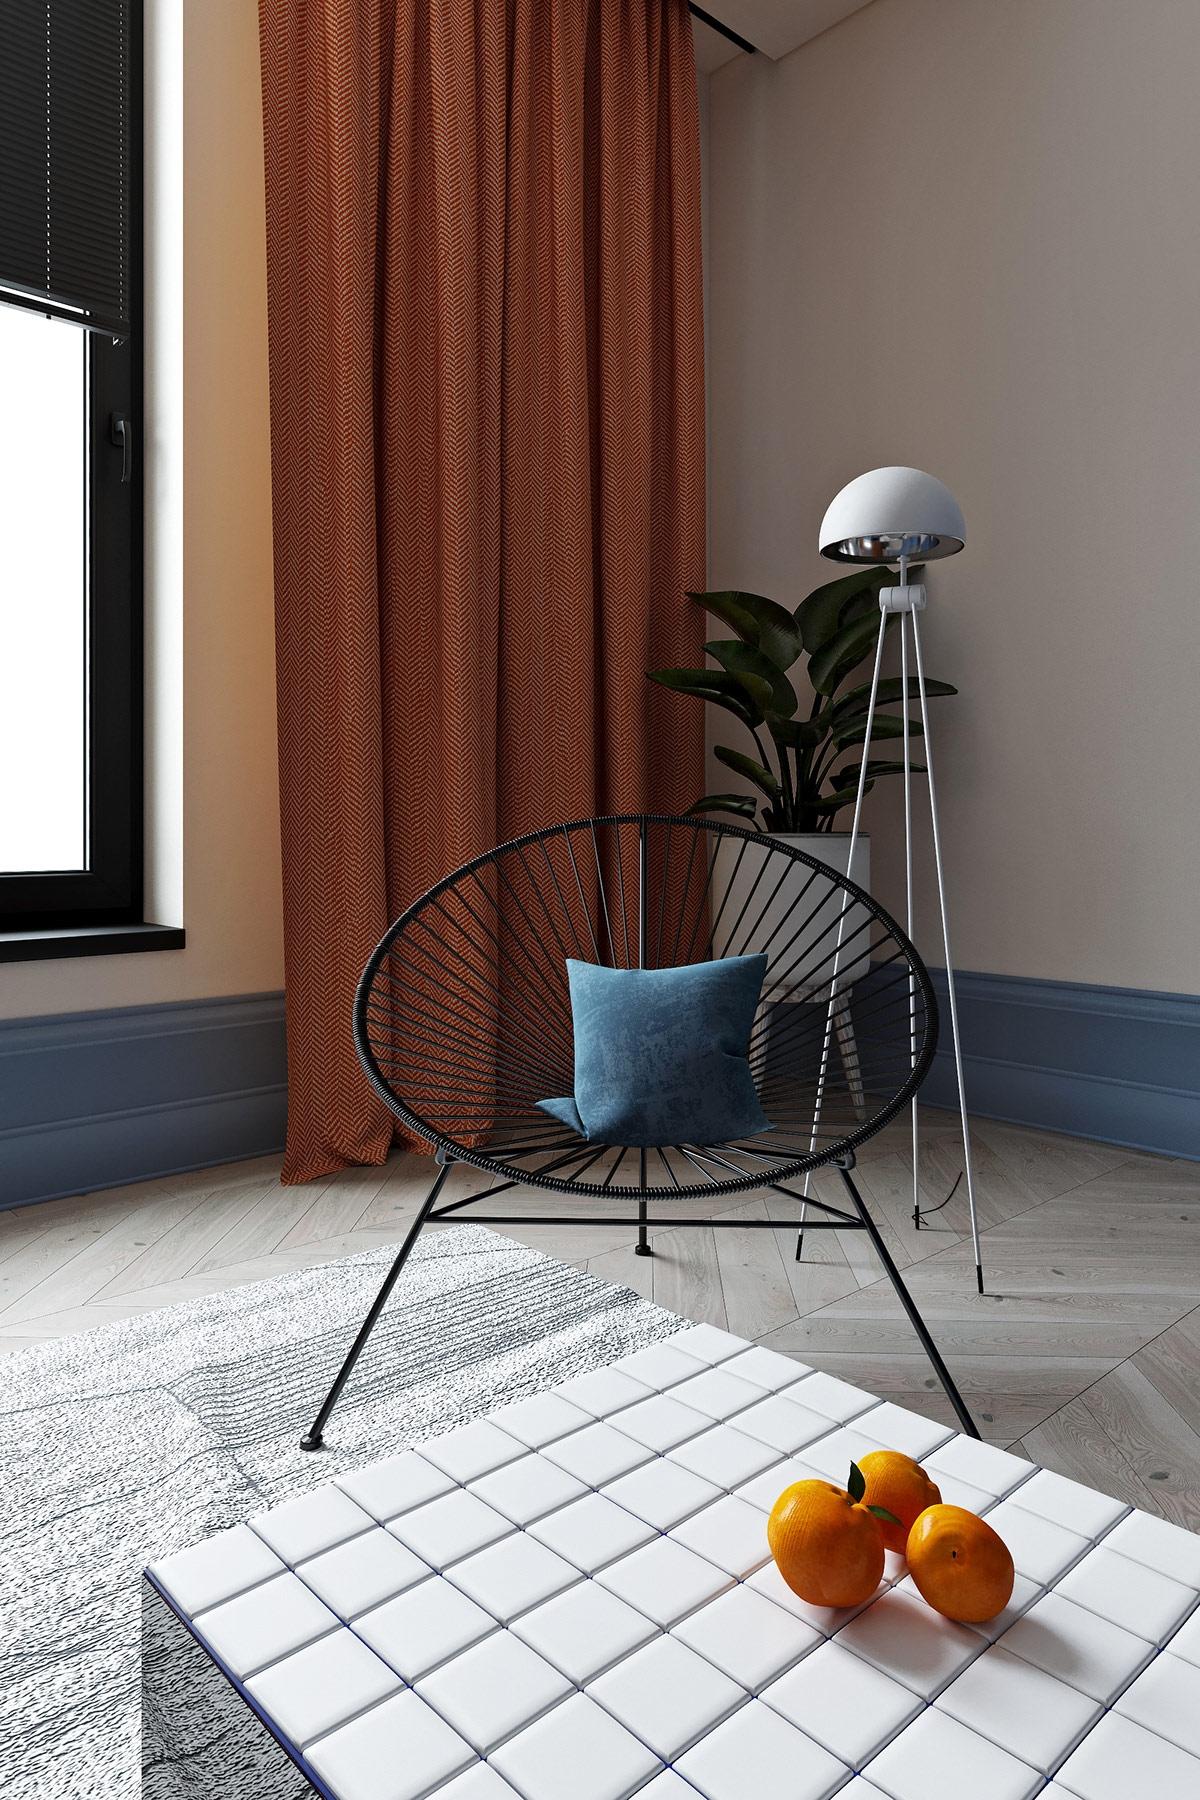 Chiếc ghế ngồi thư giãn, đọc sách khá ấn tượng cùng chiếc gối ôm màu xanh dương.